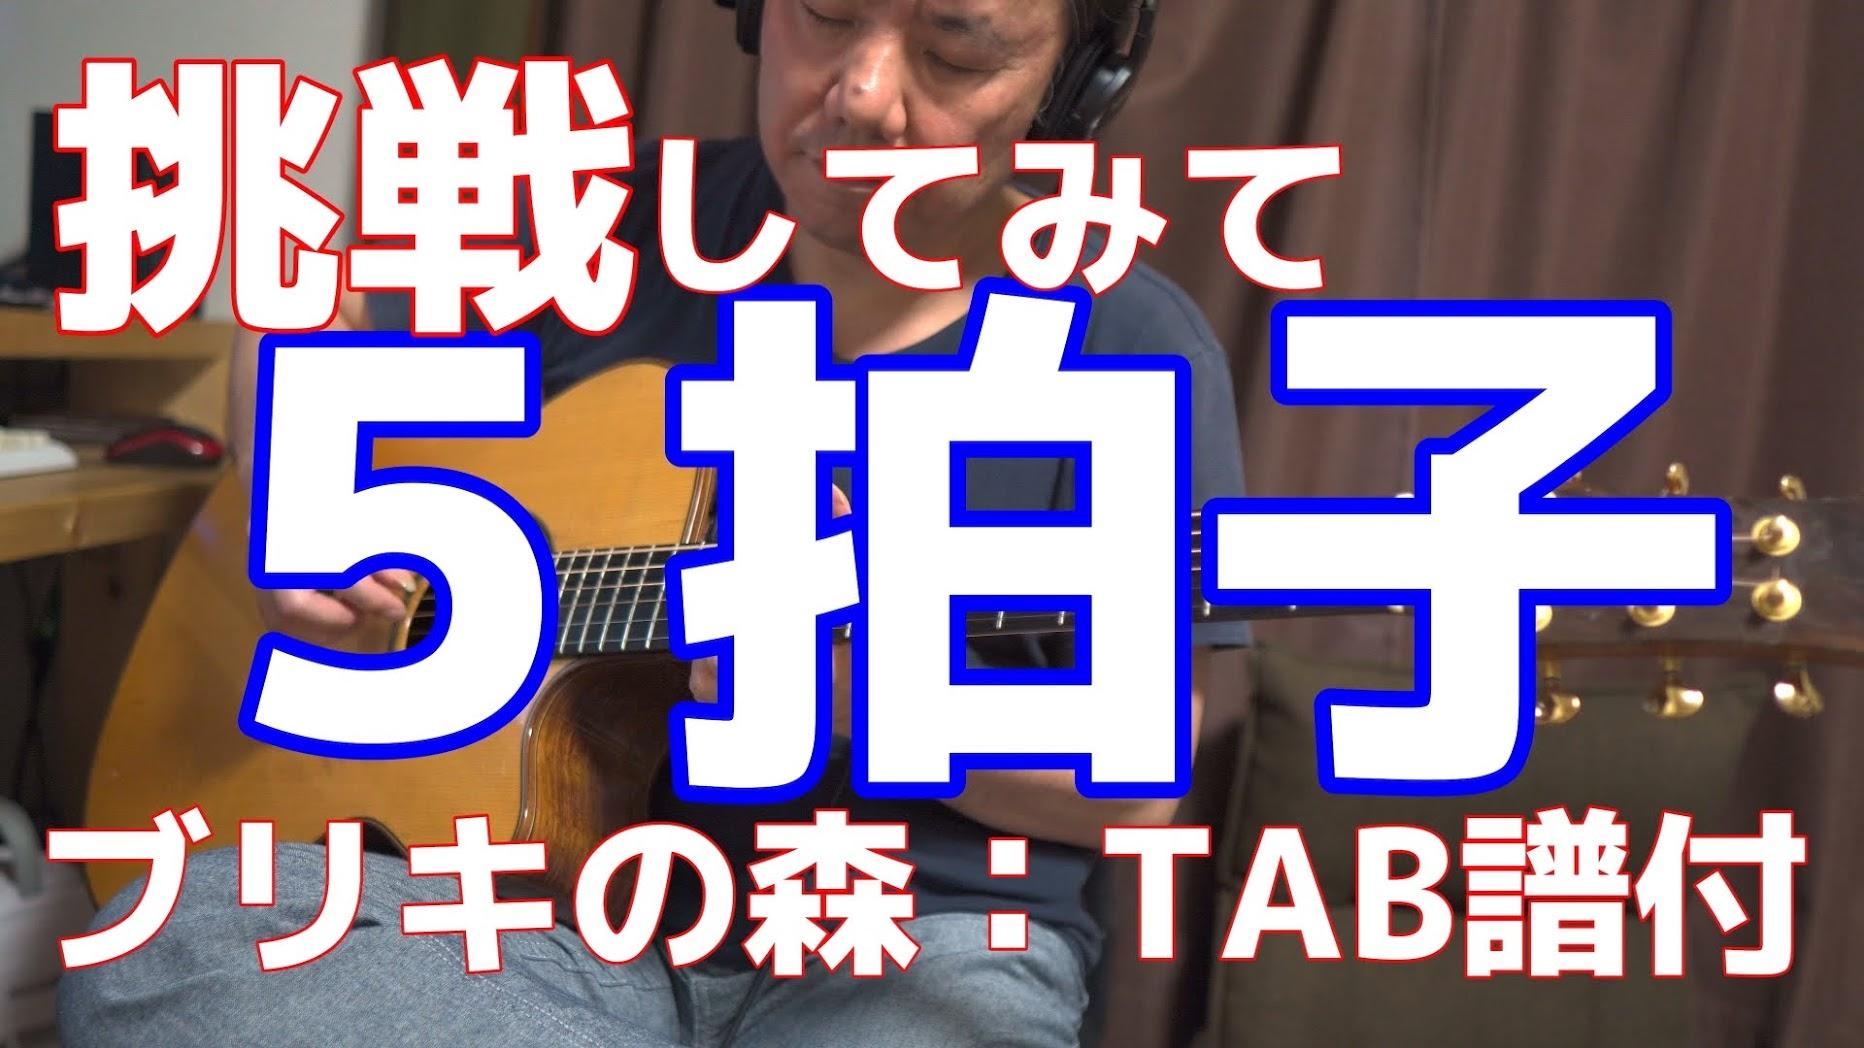 ブリキの森:5拍子の曲に挑戦(動画)(TAB譜)